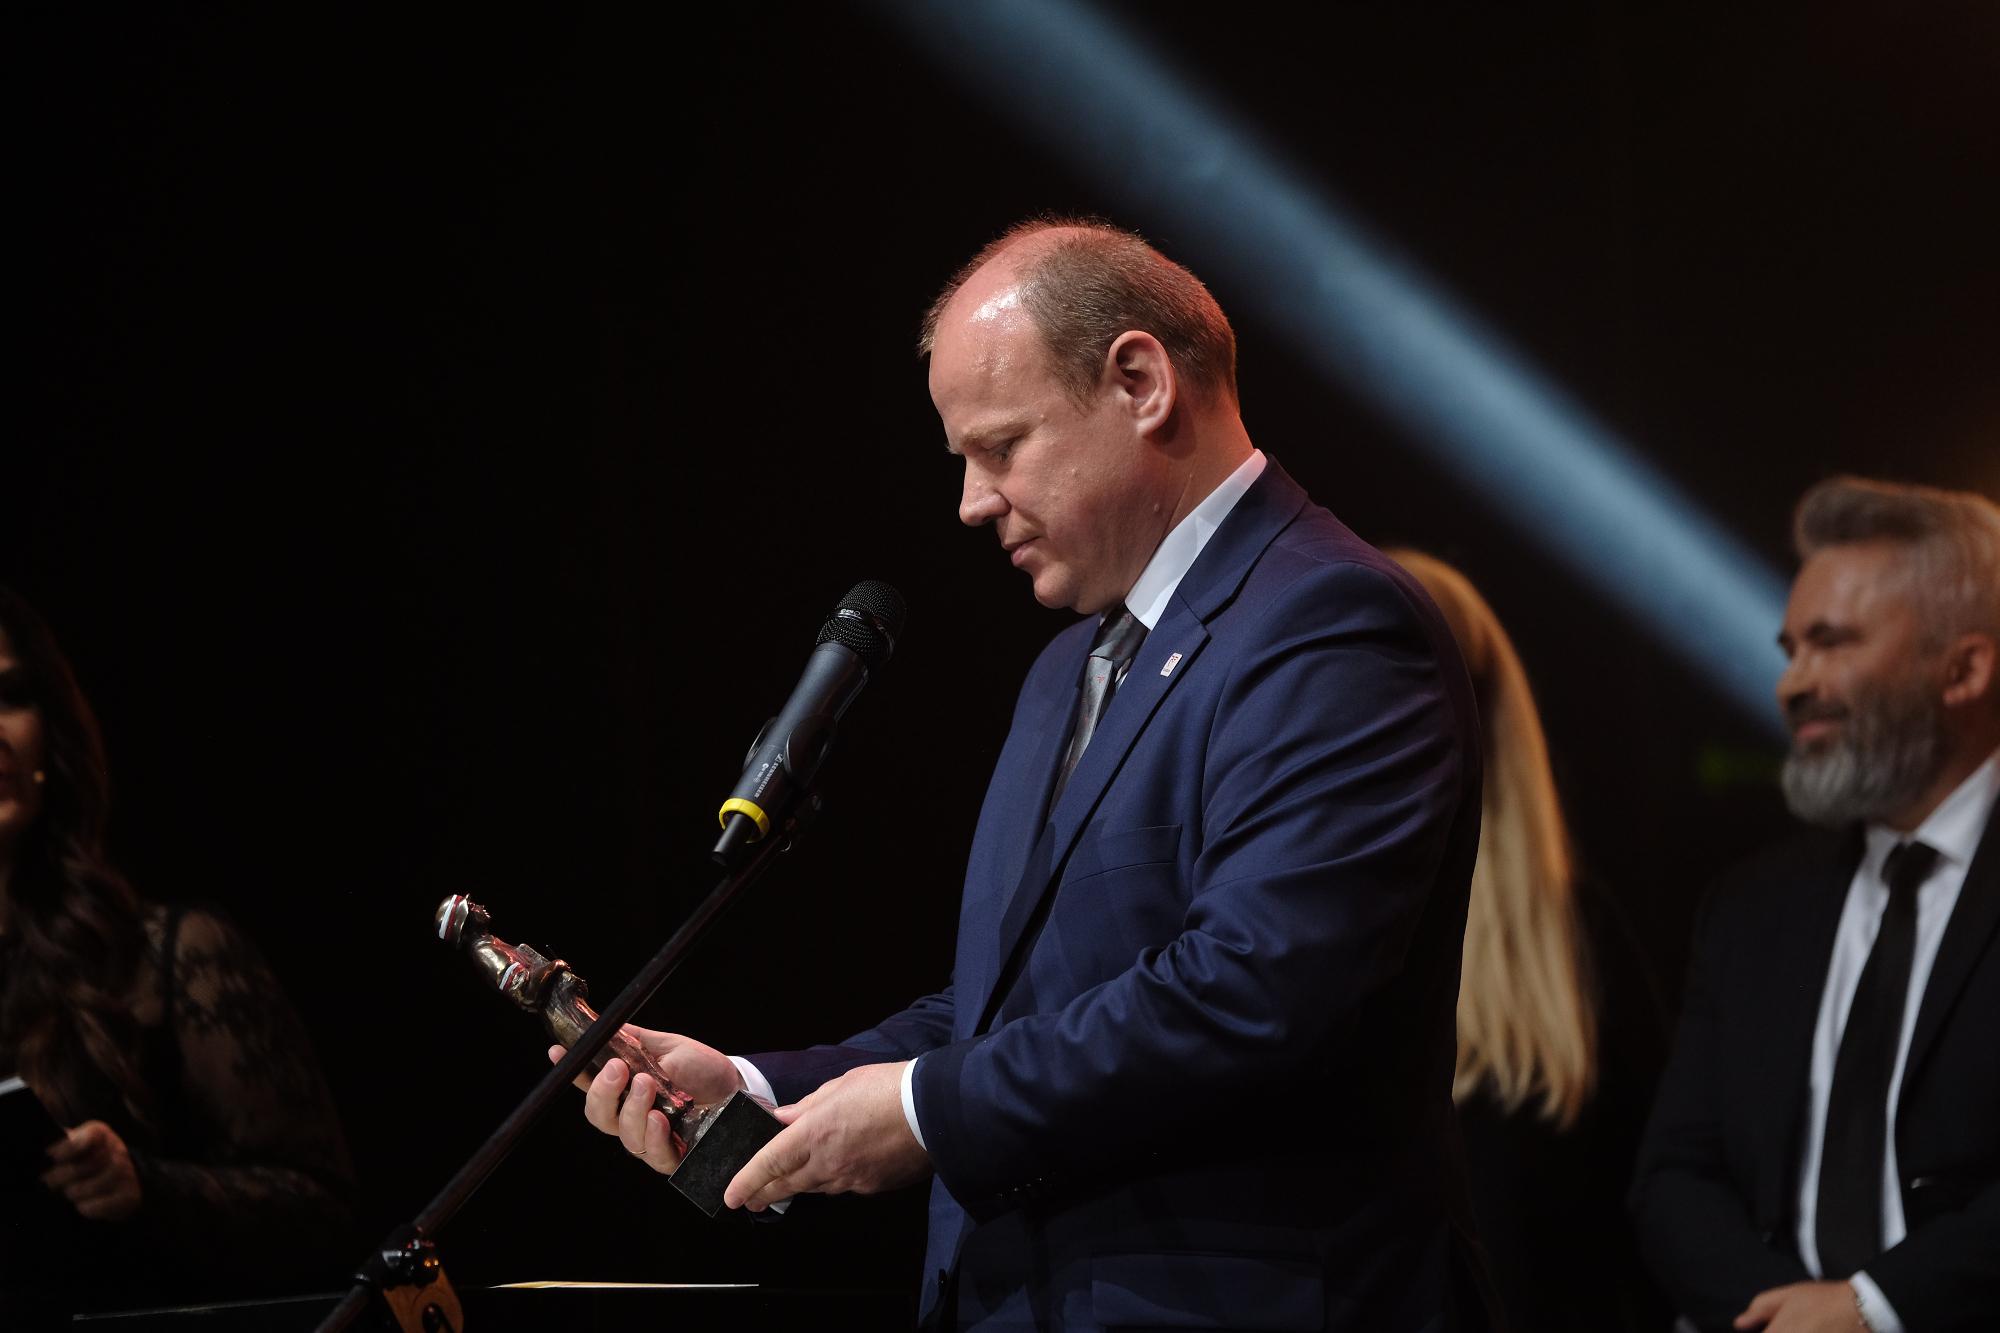 Gala_BohaterONy_2019_fot_Piotr_Litwic WIĘKSZE ZDJĘCIE